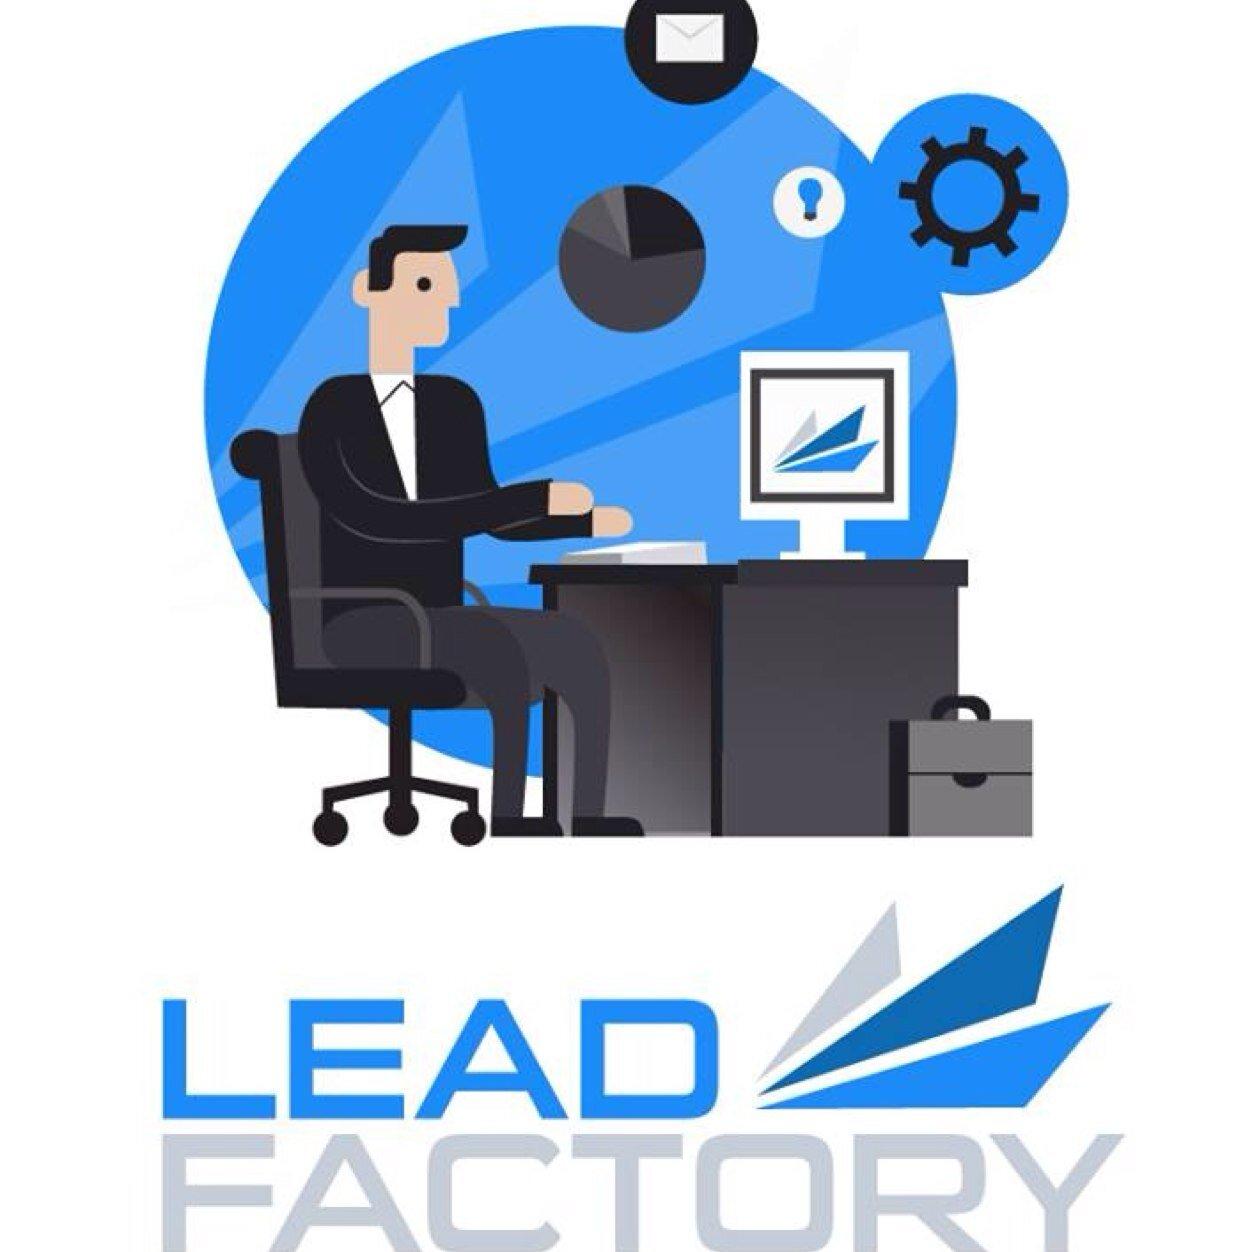 @Leadfactoryllc